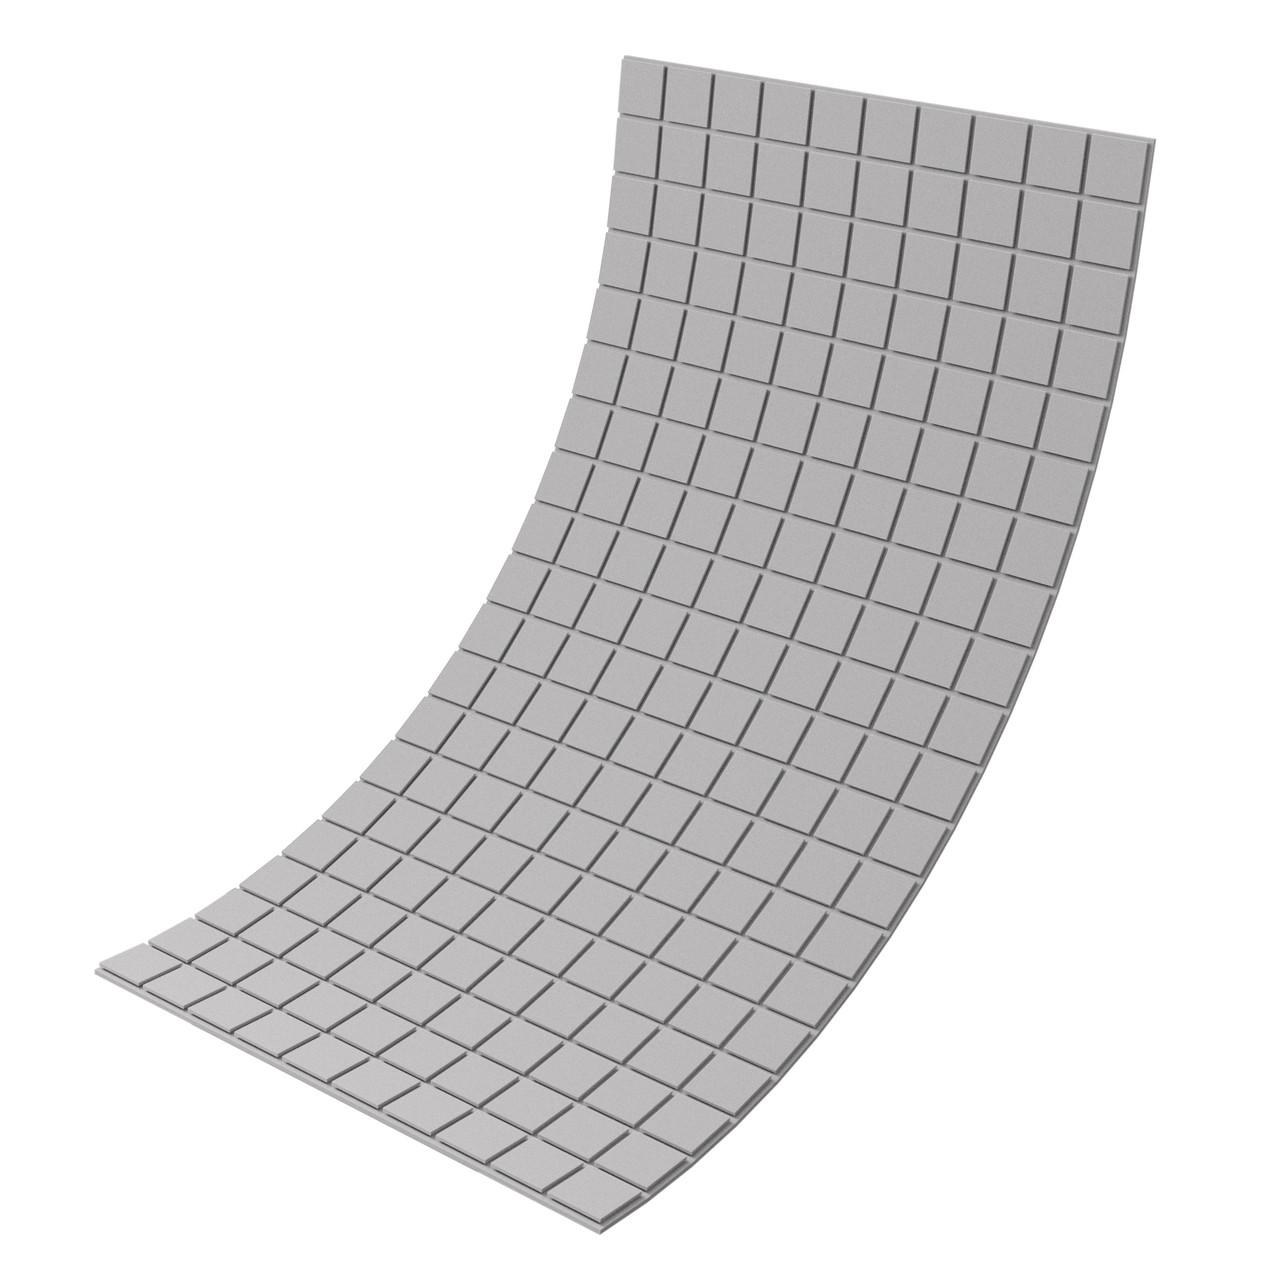 Панель из акустического поролона Ecosound Tetras Gray 100x200 см, 20 мм, серый